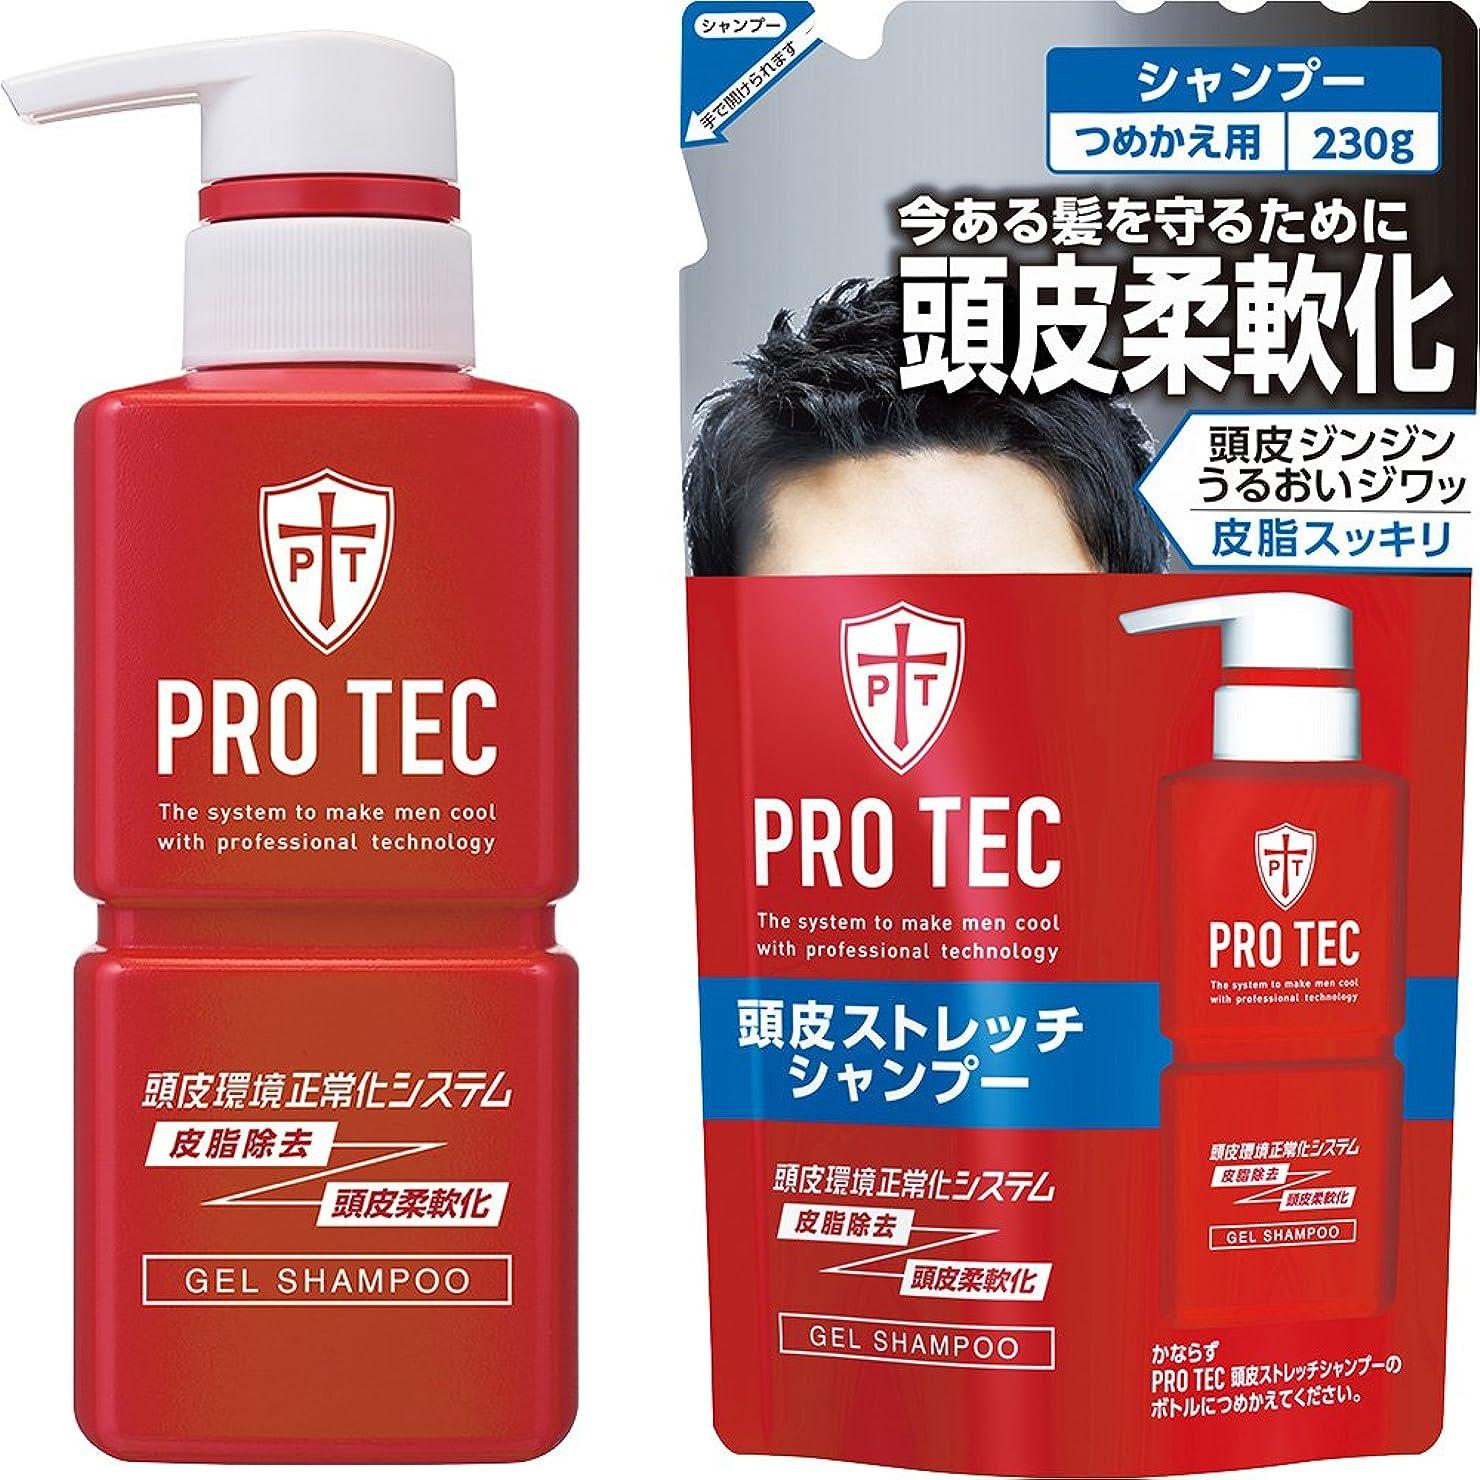 アヒル関係する安価なPRO TEC(プロテク) 頭皮ストレッチシャンプー 本体ポンプ300g+詰め替え230g セット(医薬部外品)